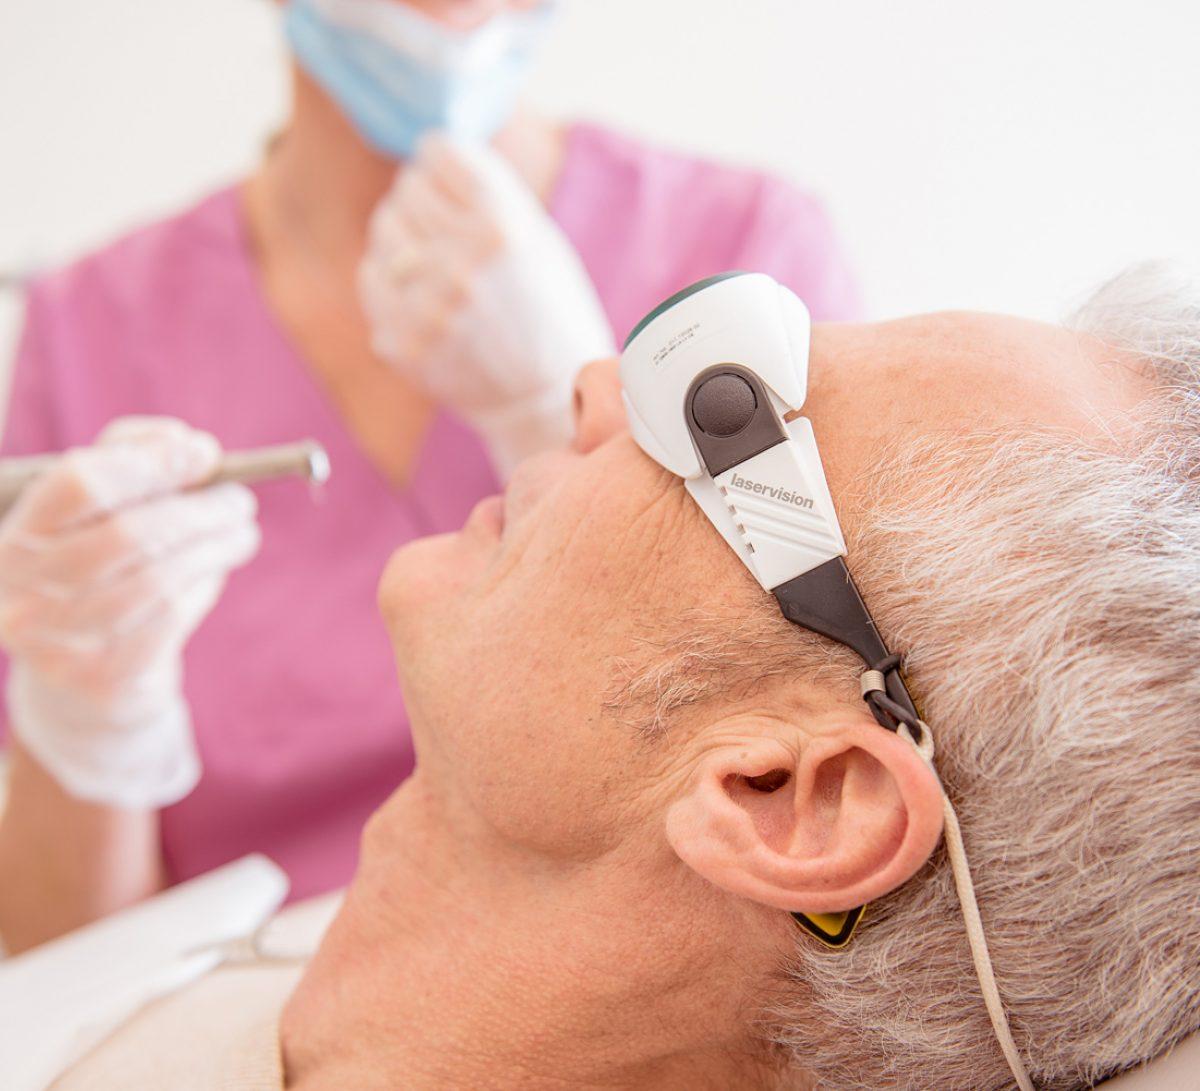 Laserbehandlung in der Zahnarztpraxis Sabine Quack, Berlin Friedrichshain